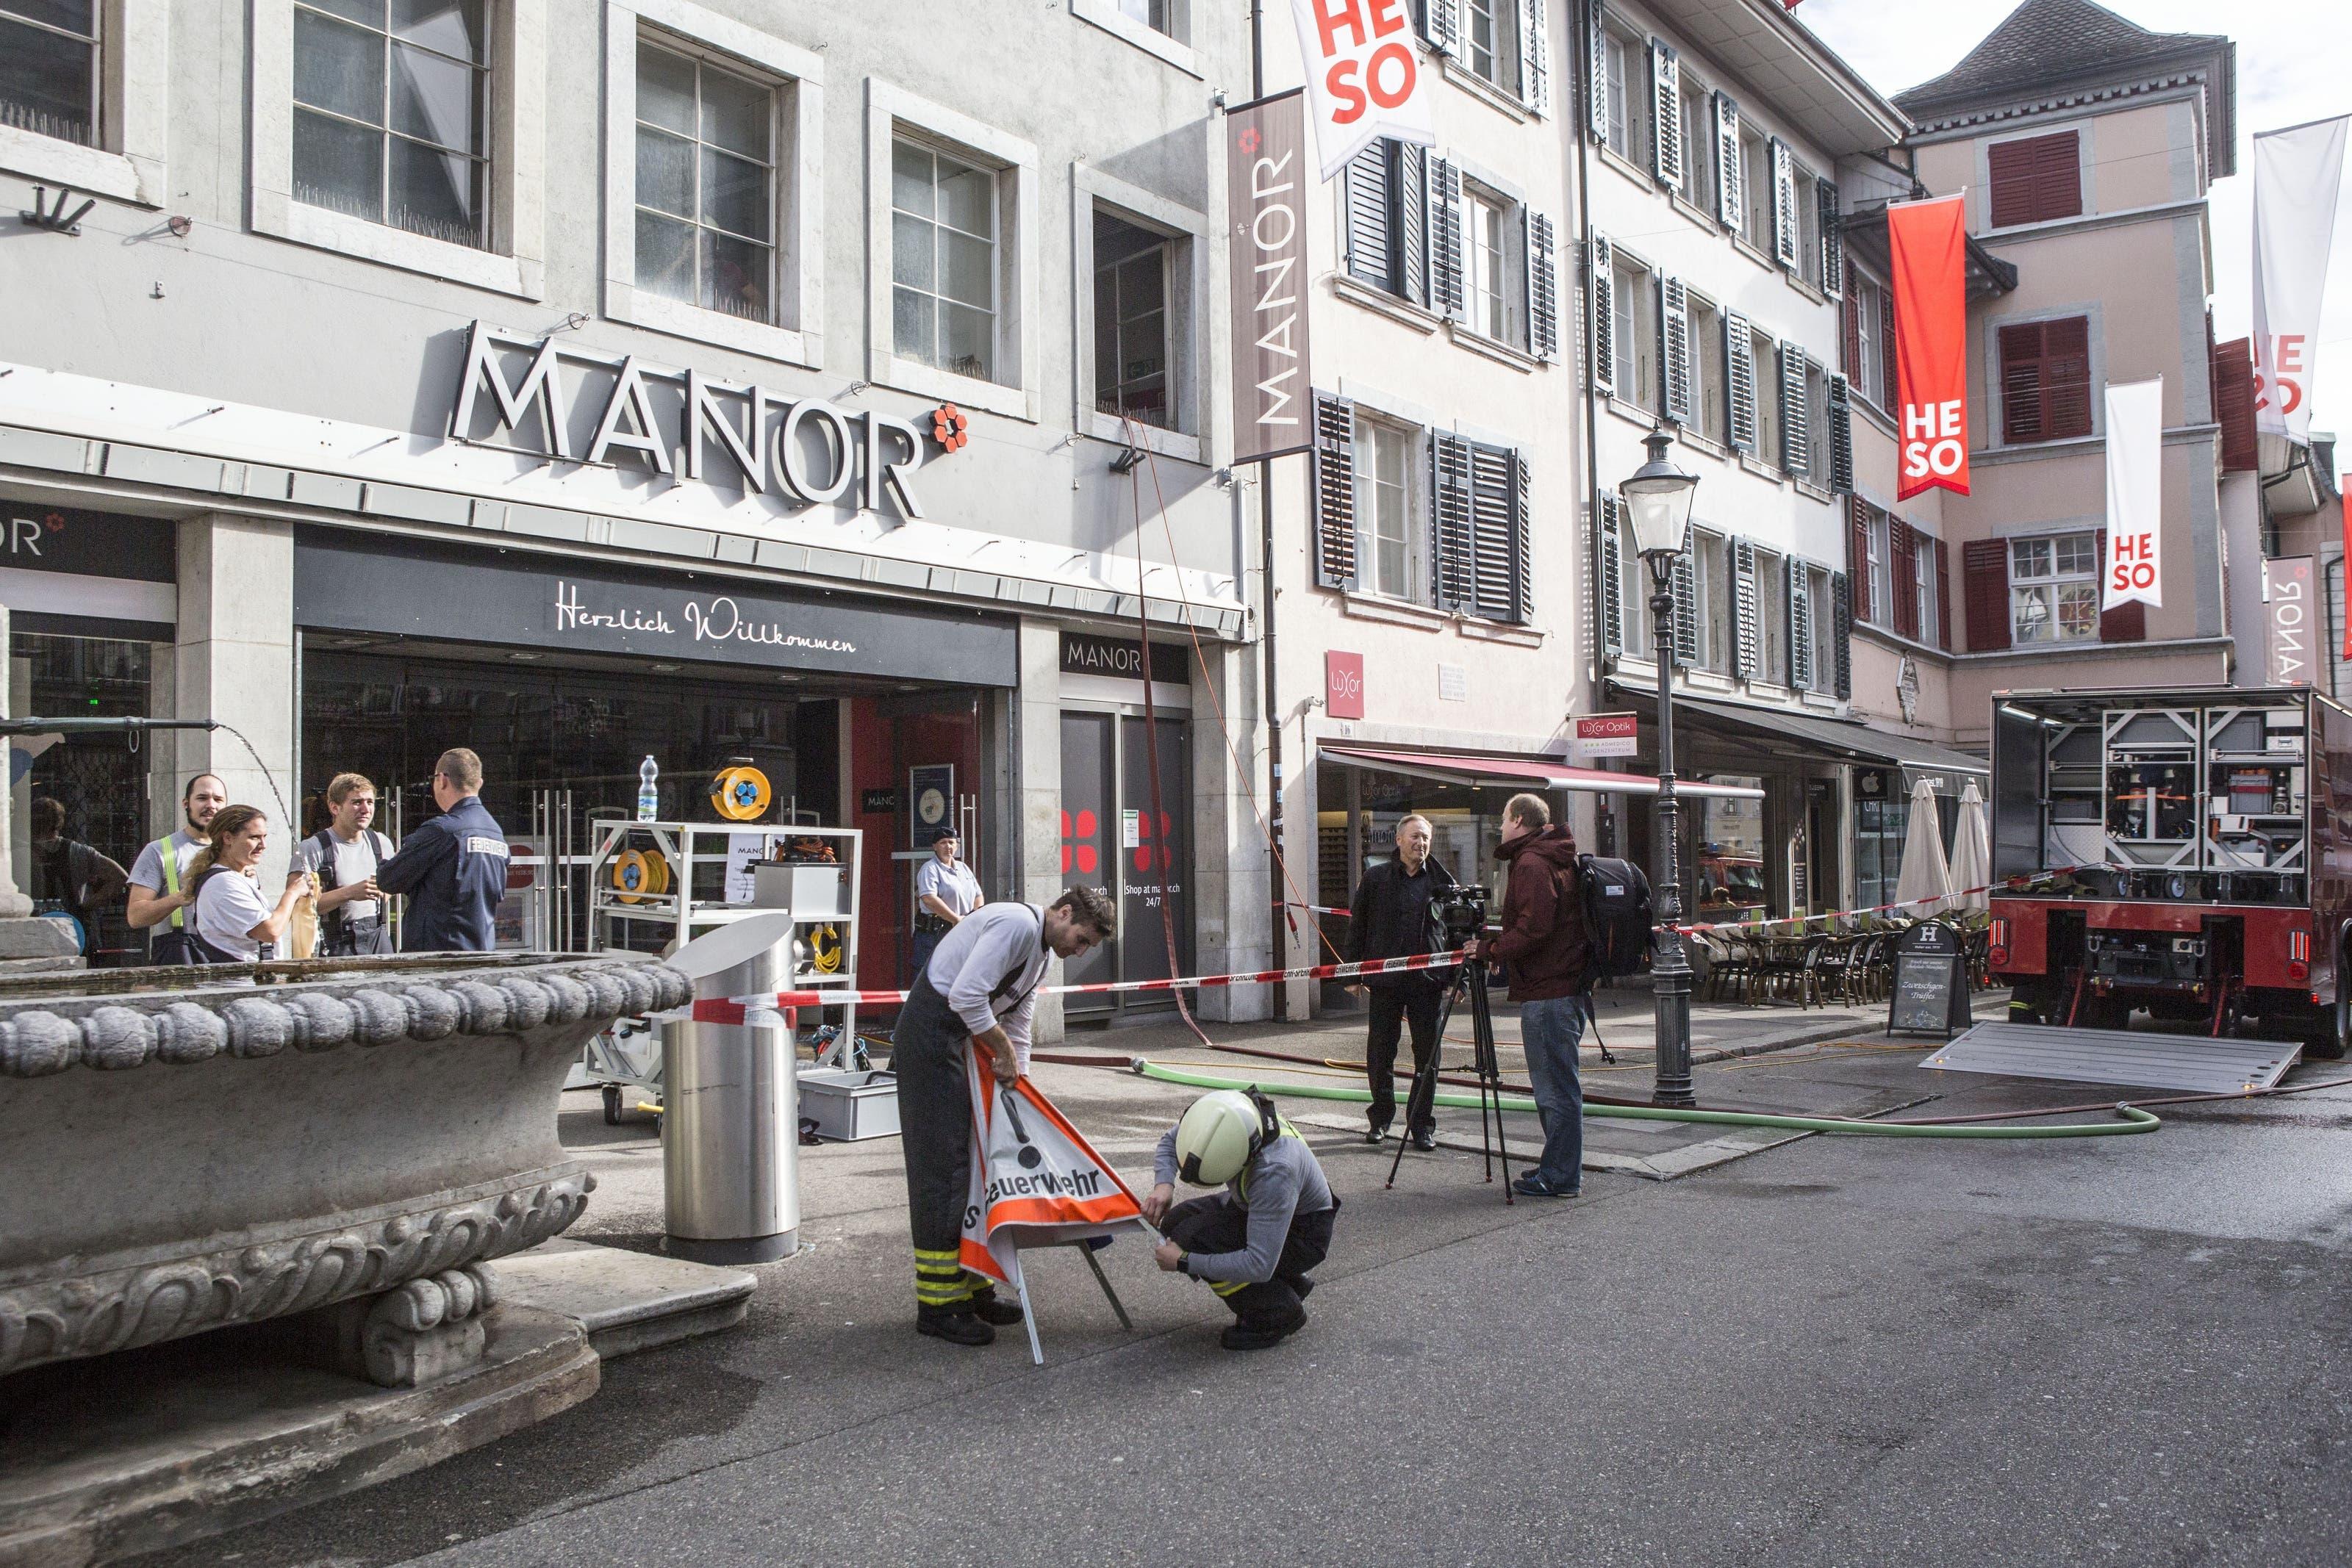 Wasserschaden im Manor Solothurn